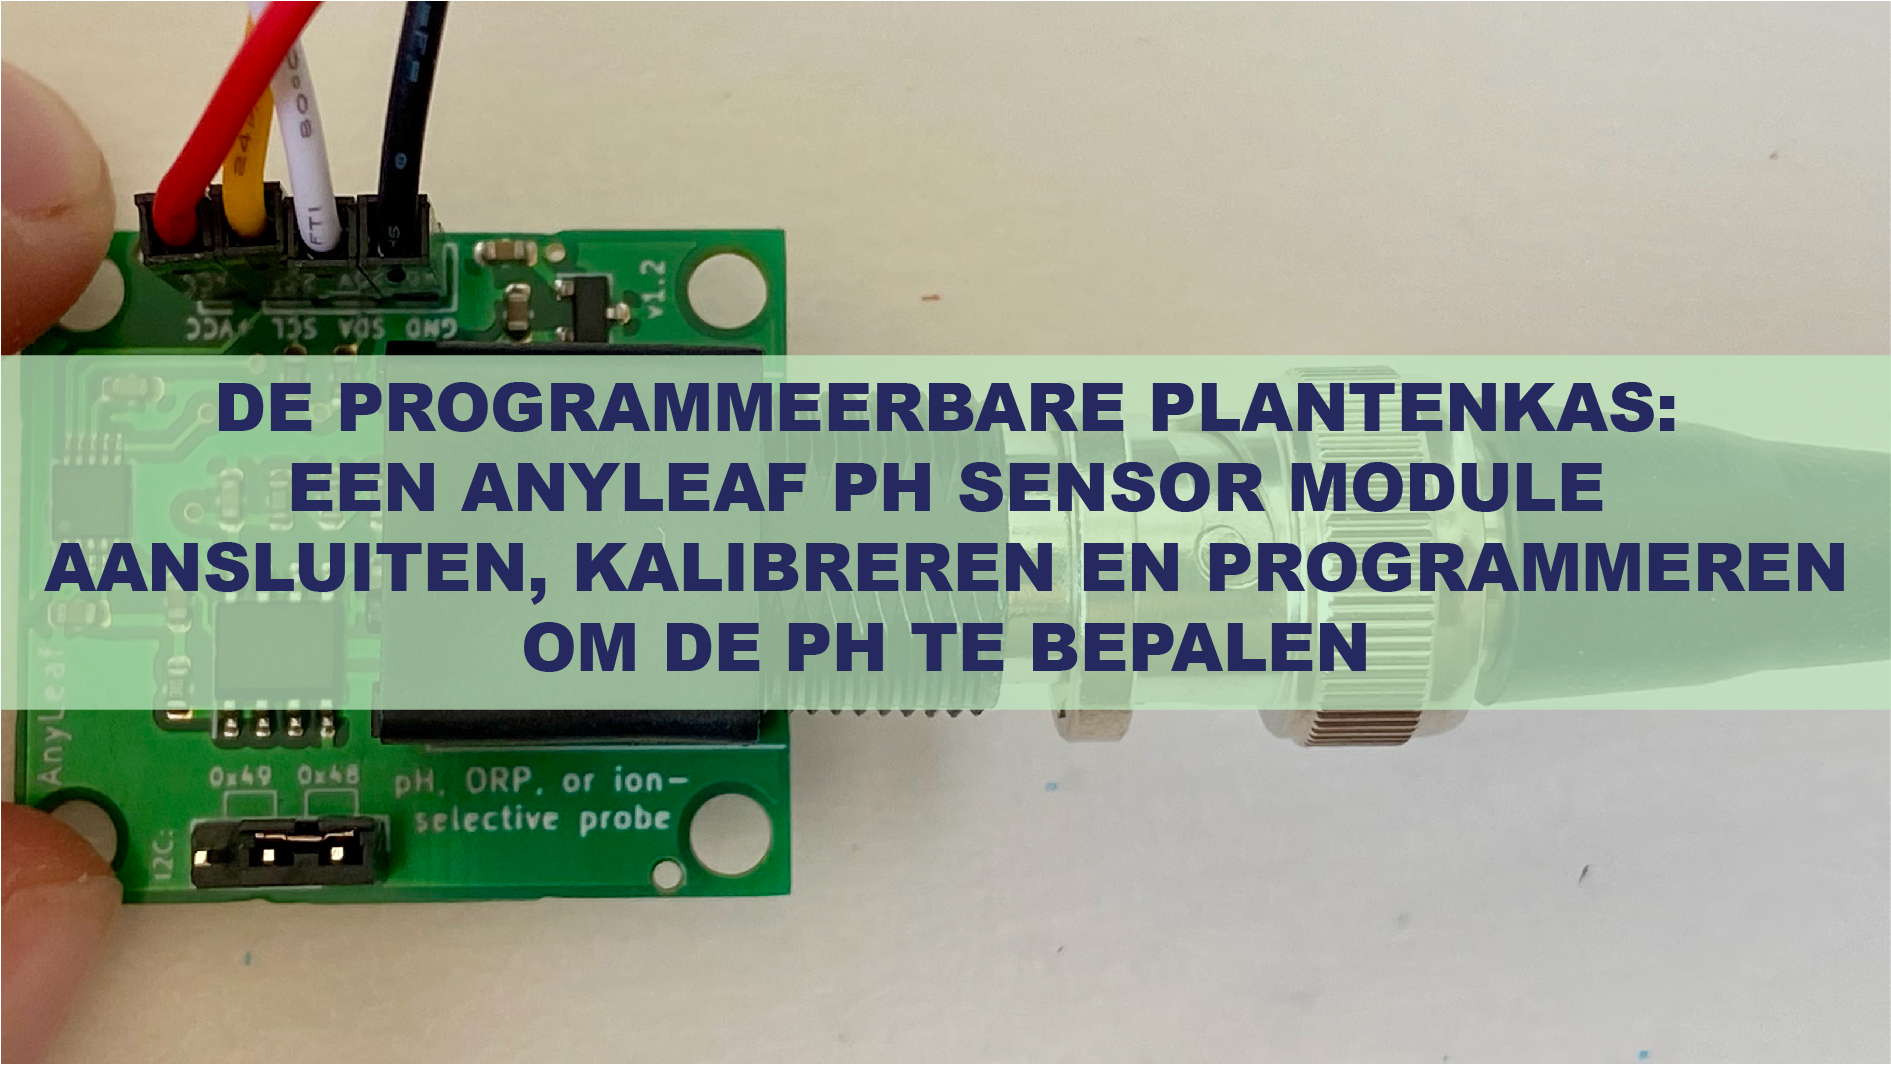 De Programmeerbare Plantenkas: Een Anyleaf pH Sensor Module Aansluiten, Kalibreren En Programmeren Om De pH Te Bepalen